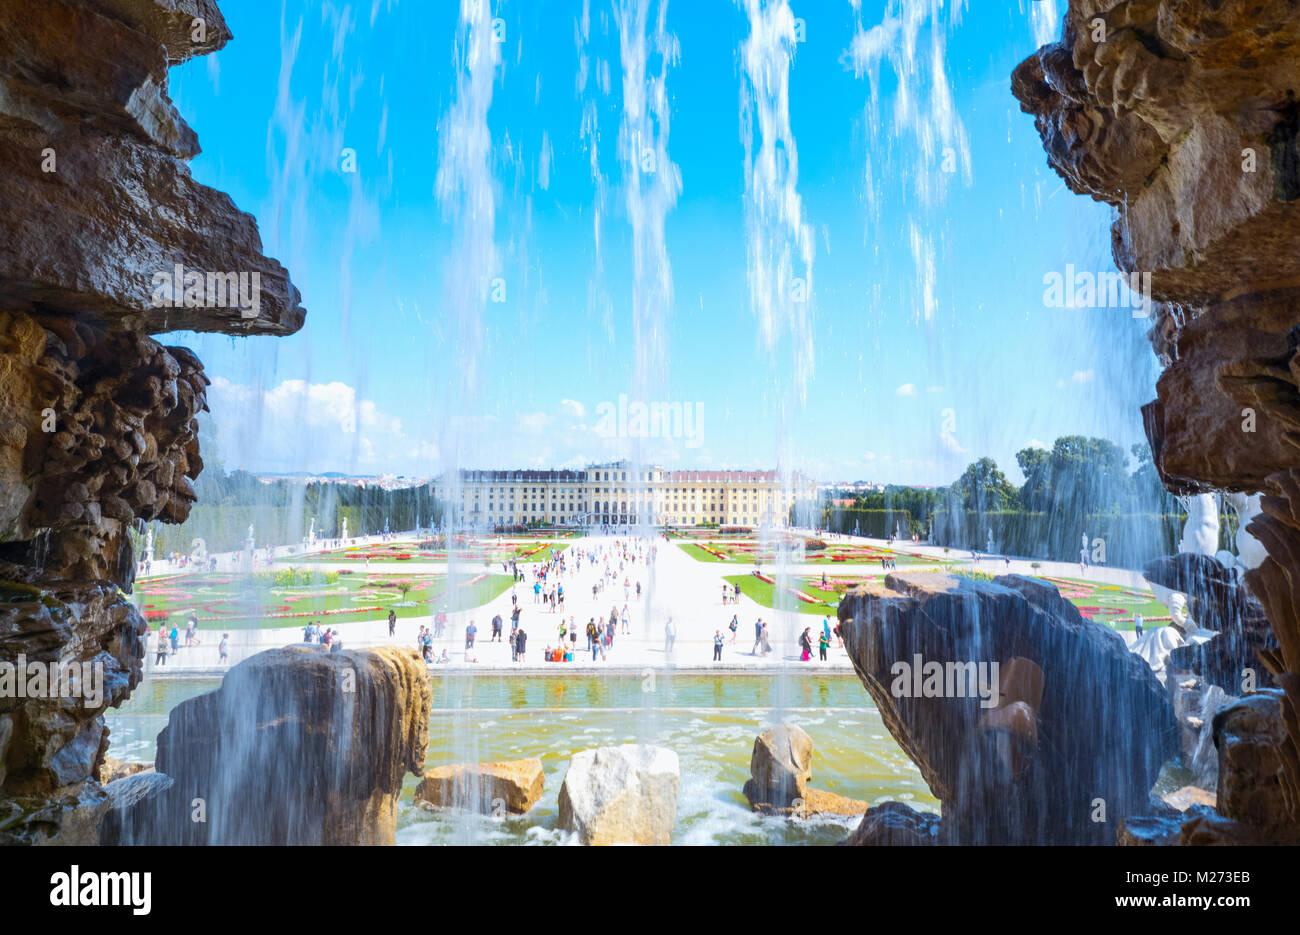 Österreich, Wien, den Garten und die hintere Fassade des Schlosses Schönbrunn vom Neptunbrunnen gesehen Stockbild